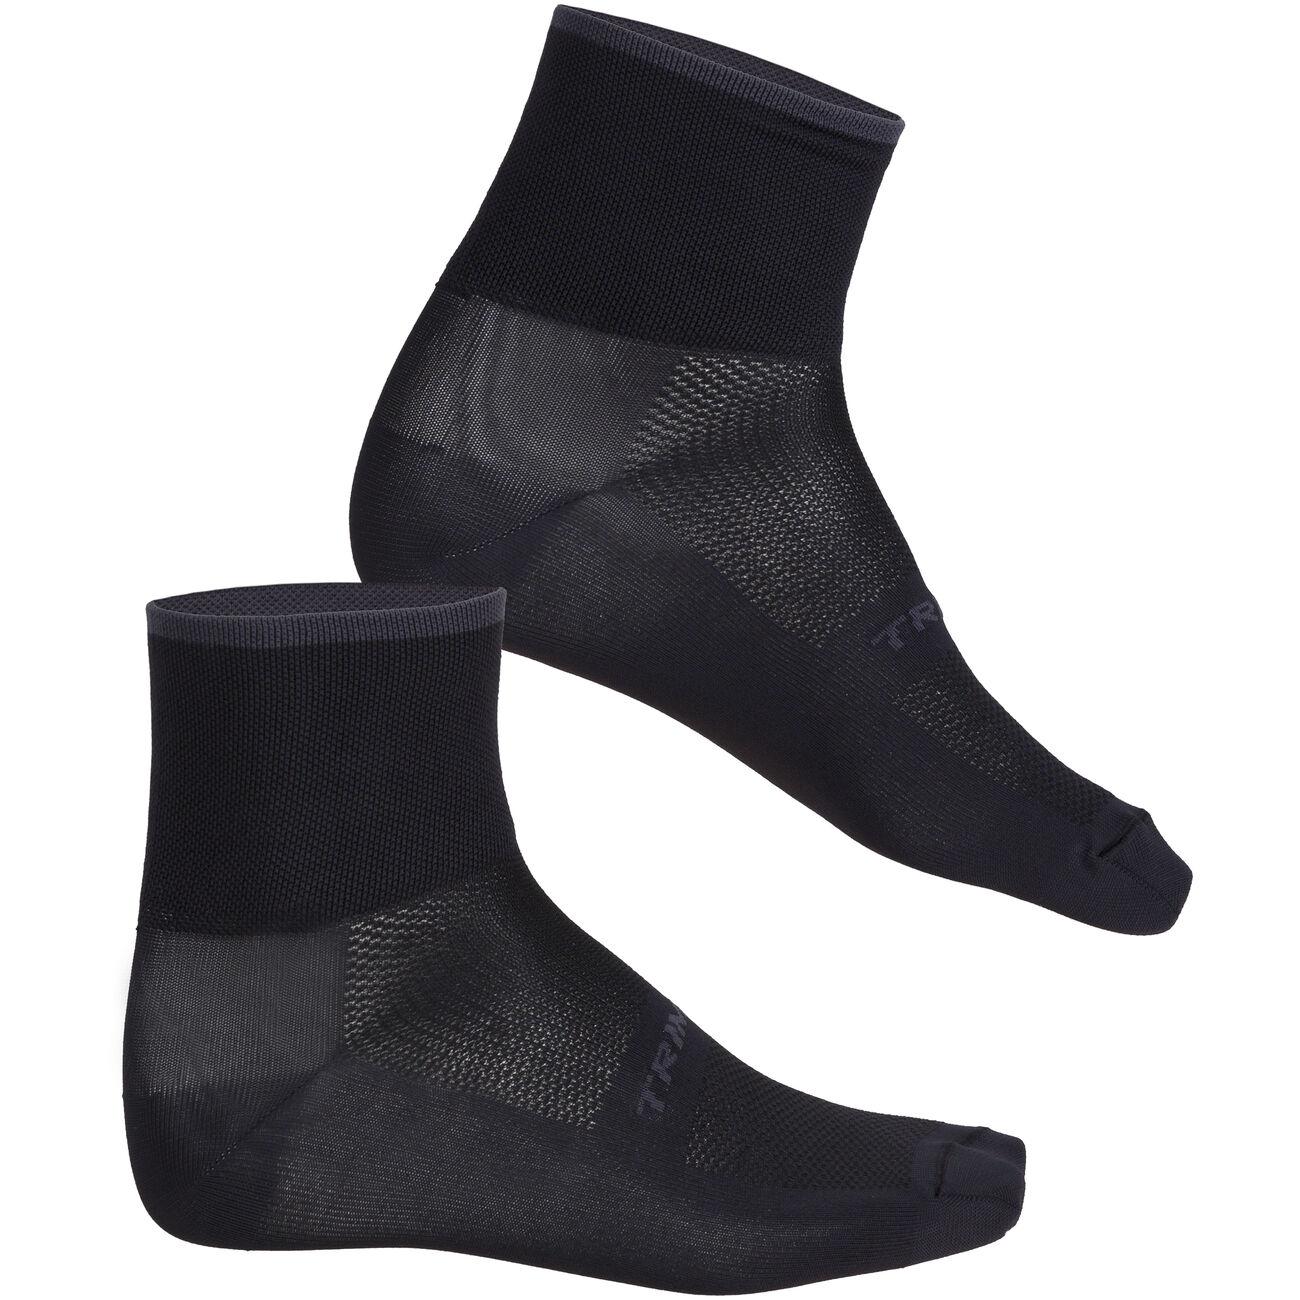 Elite meryl sokker 2-pack